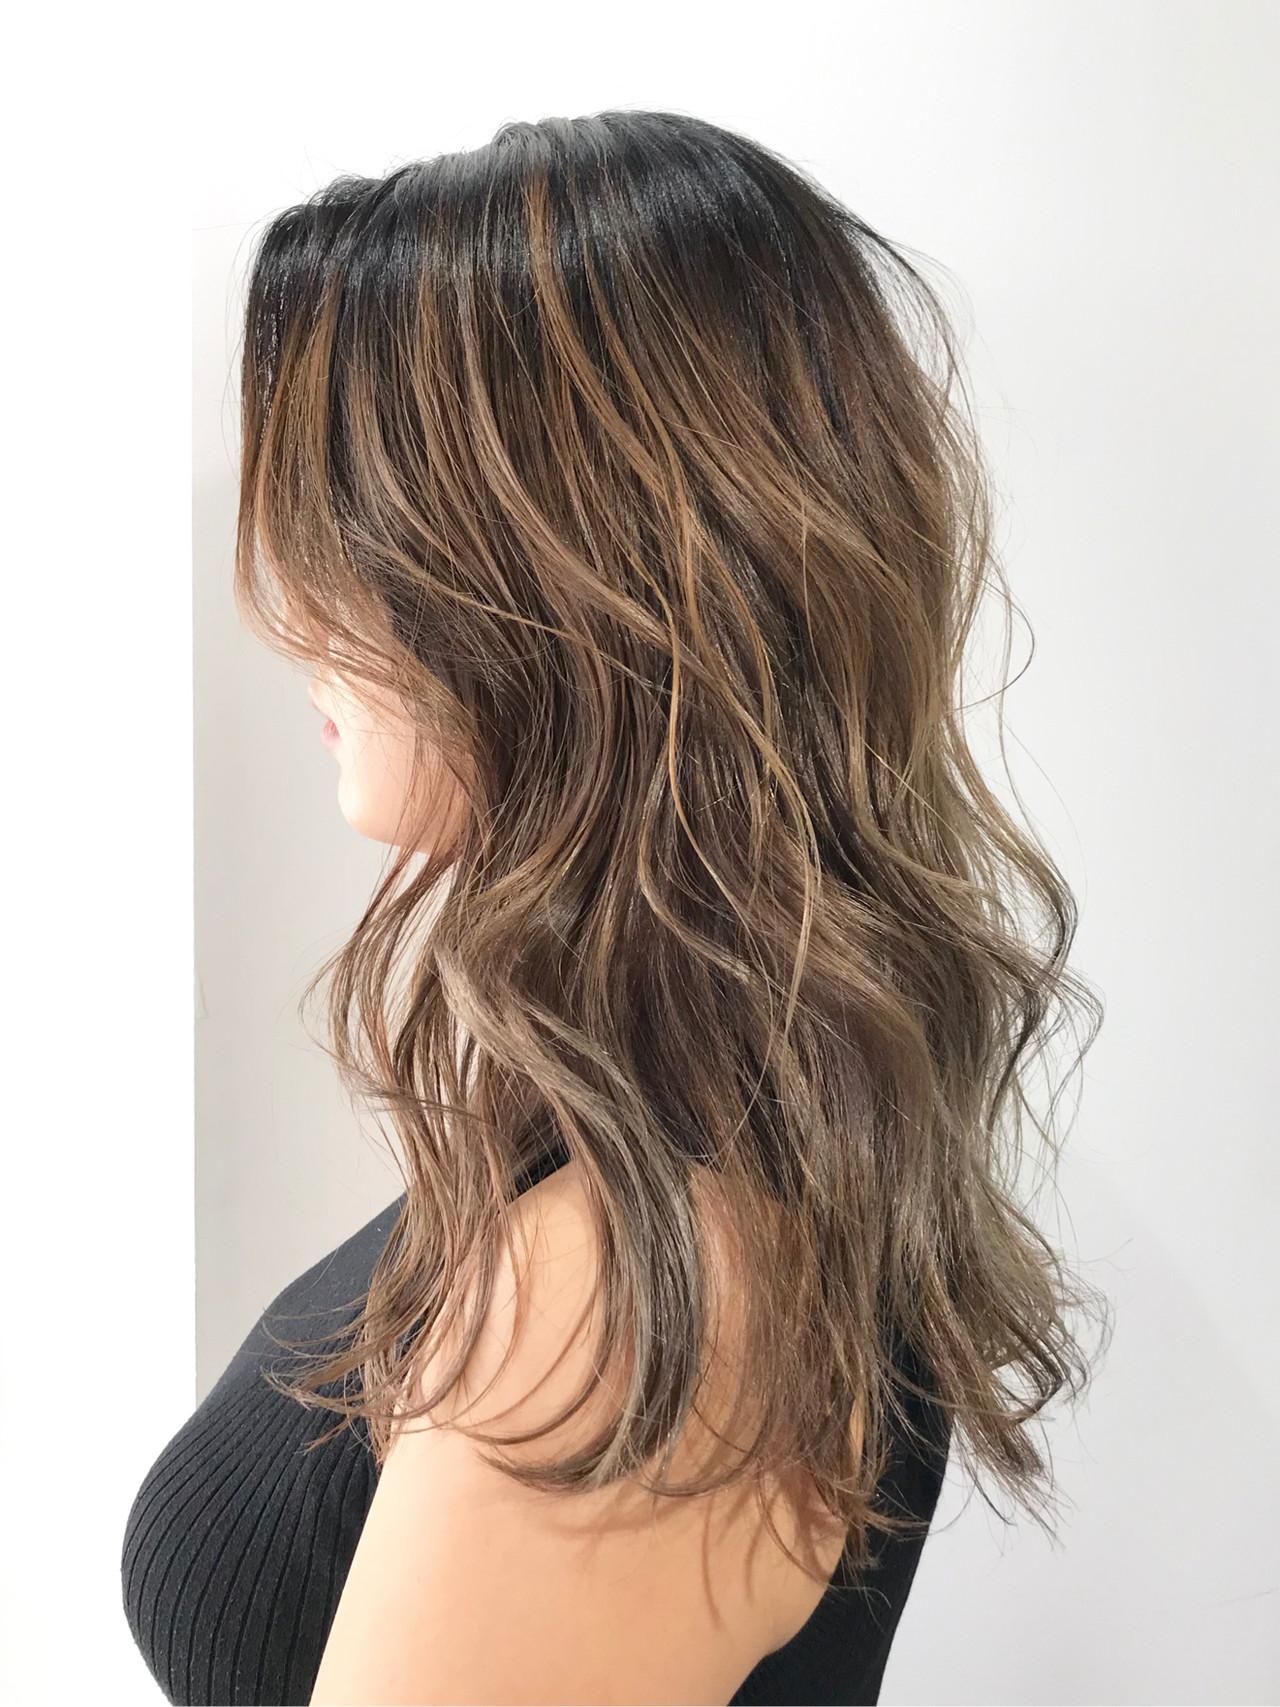 グレージュ ブリーチカラー レイヤーカット セミロング ヘアスタイルや髪型の写真・画像